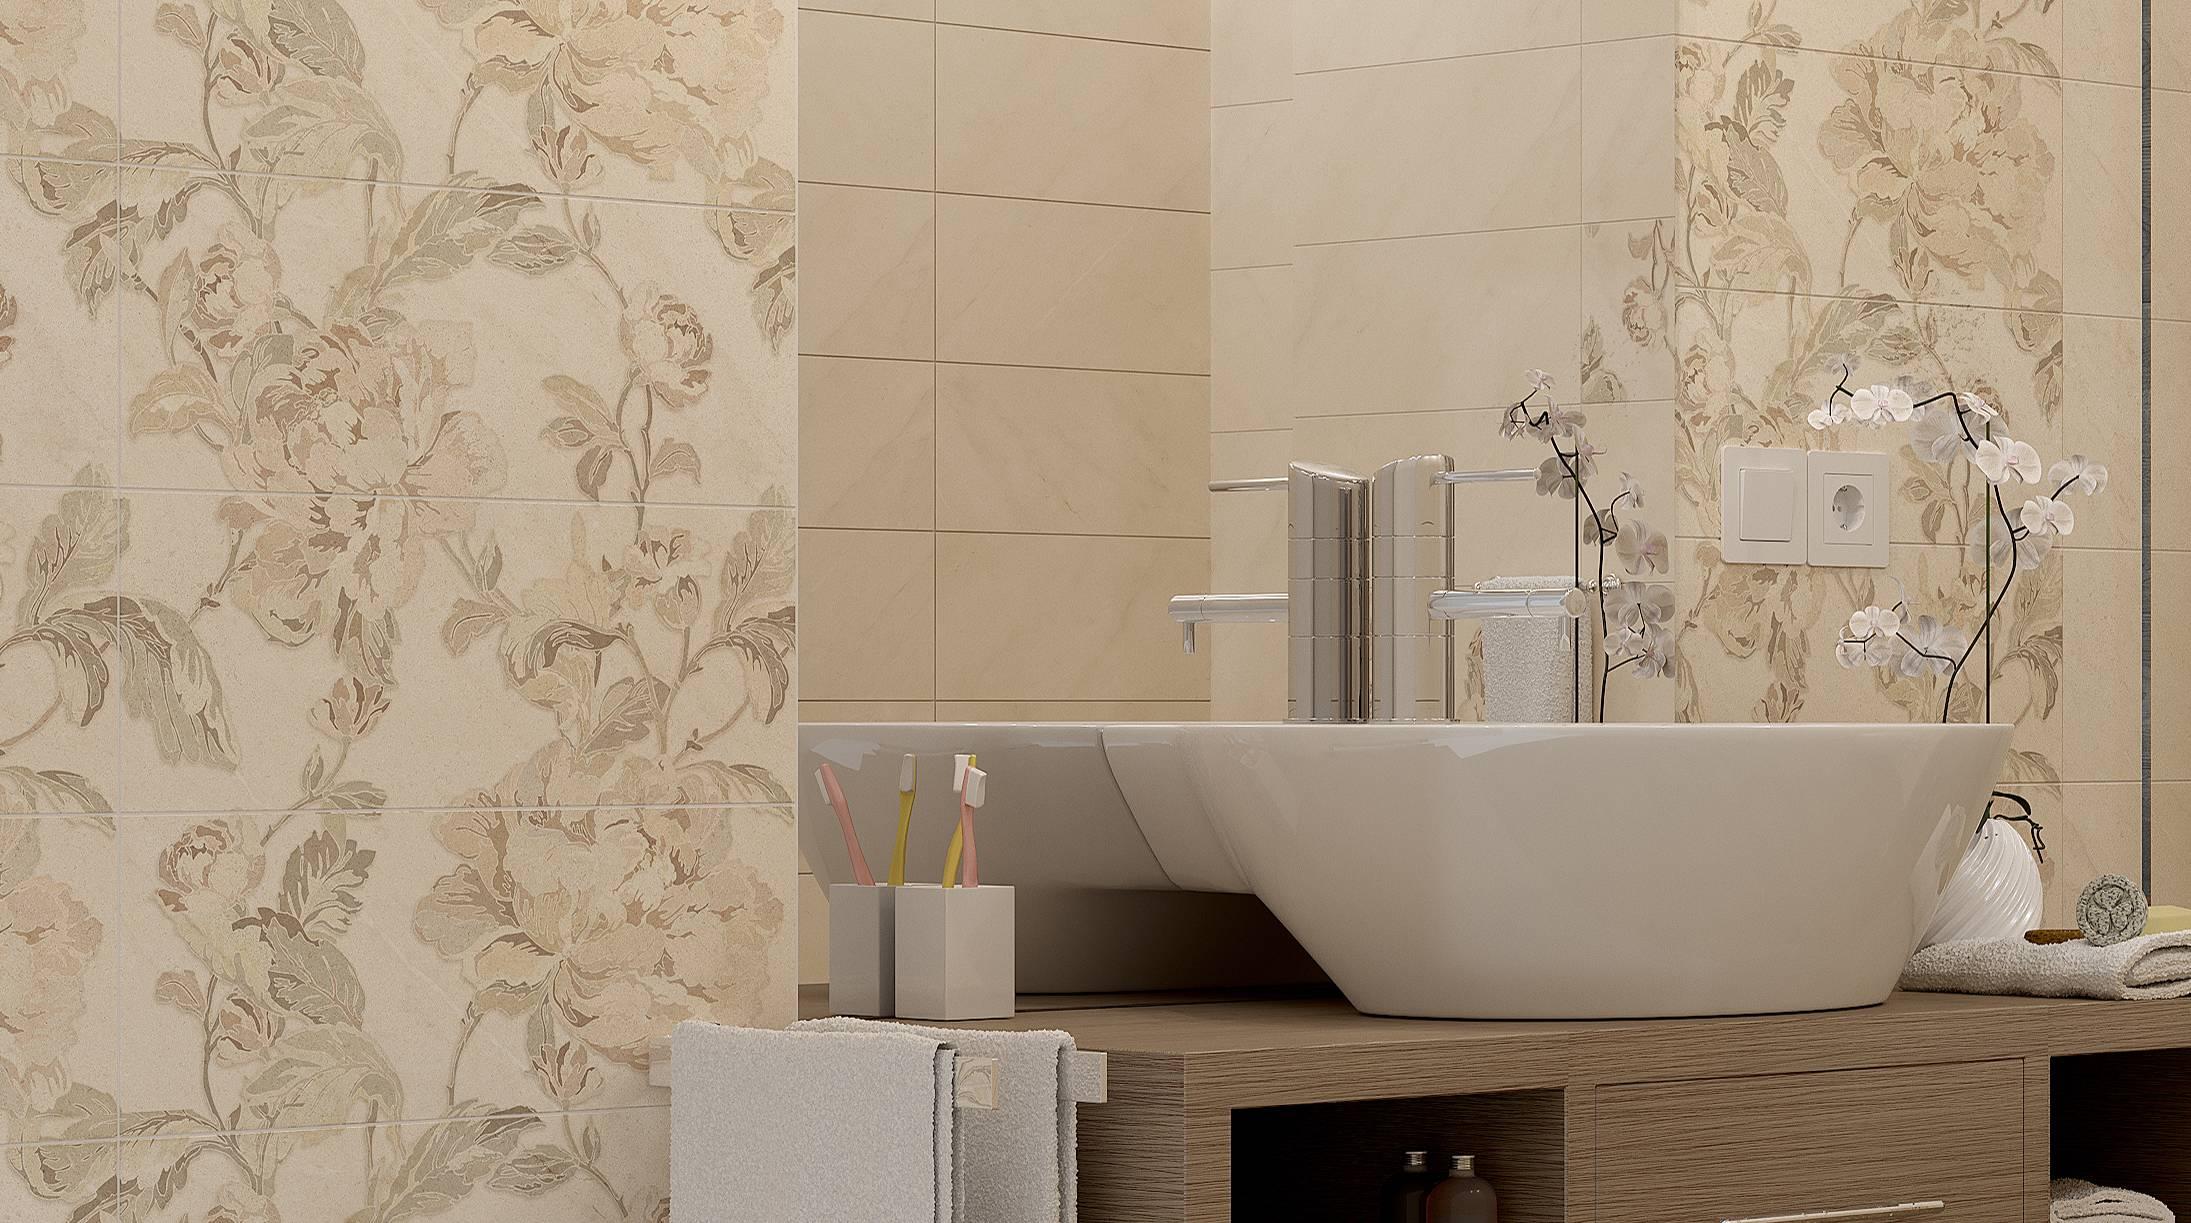 Украинскую плитку golden tile купить в крыму в интернет-магазине plitka-sdvk.ru: каталог керамической плитки голден тайл украина с фото, ценами, отзывами